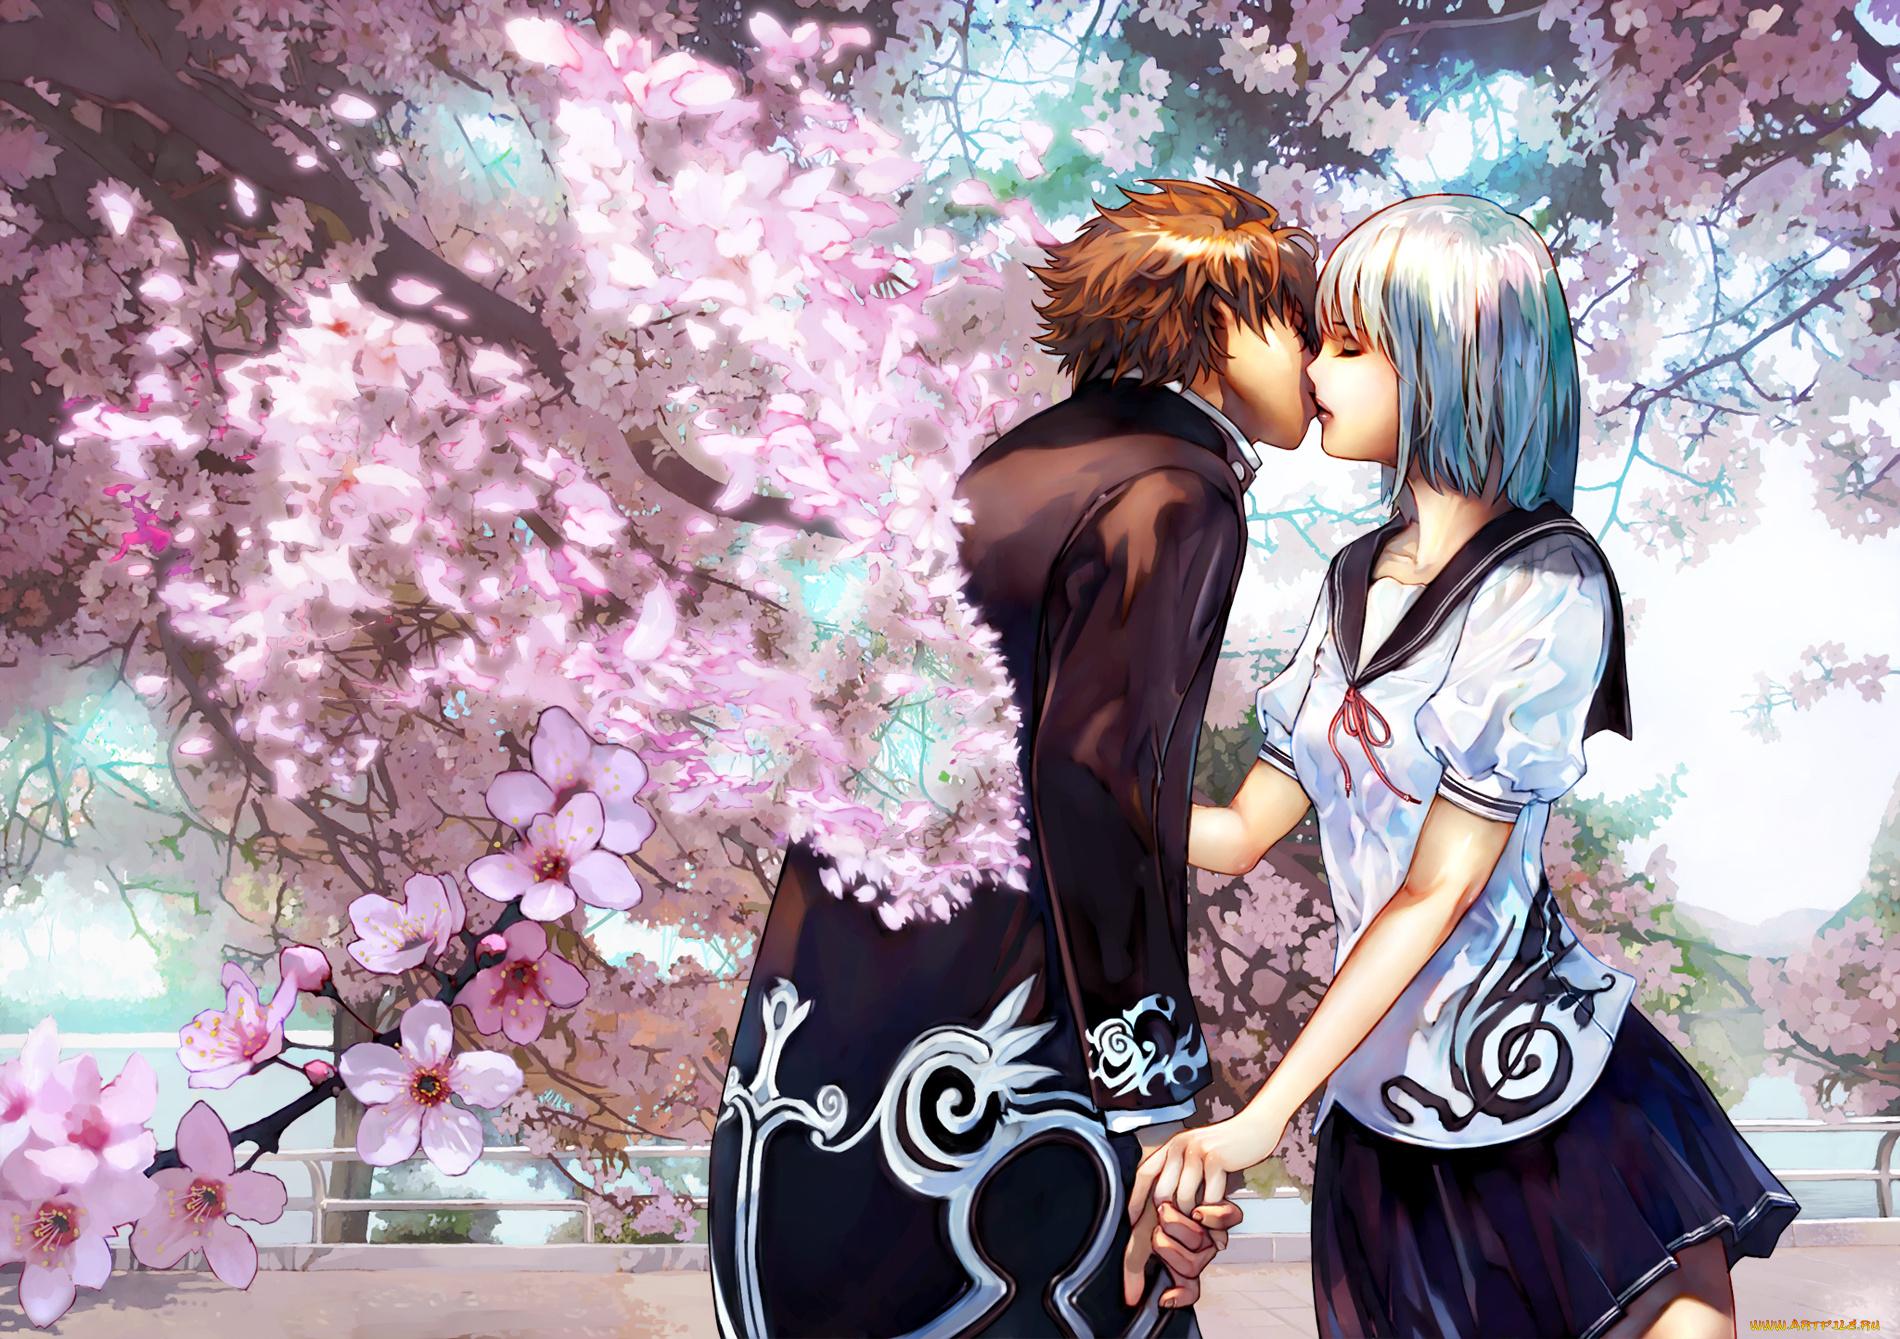 Открытка, картинки прикольные с аниме с поцелуями